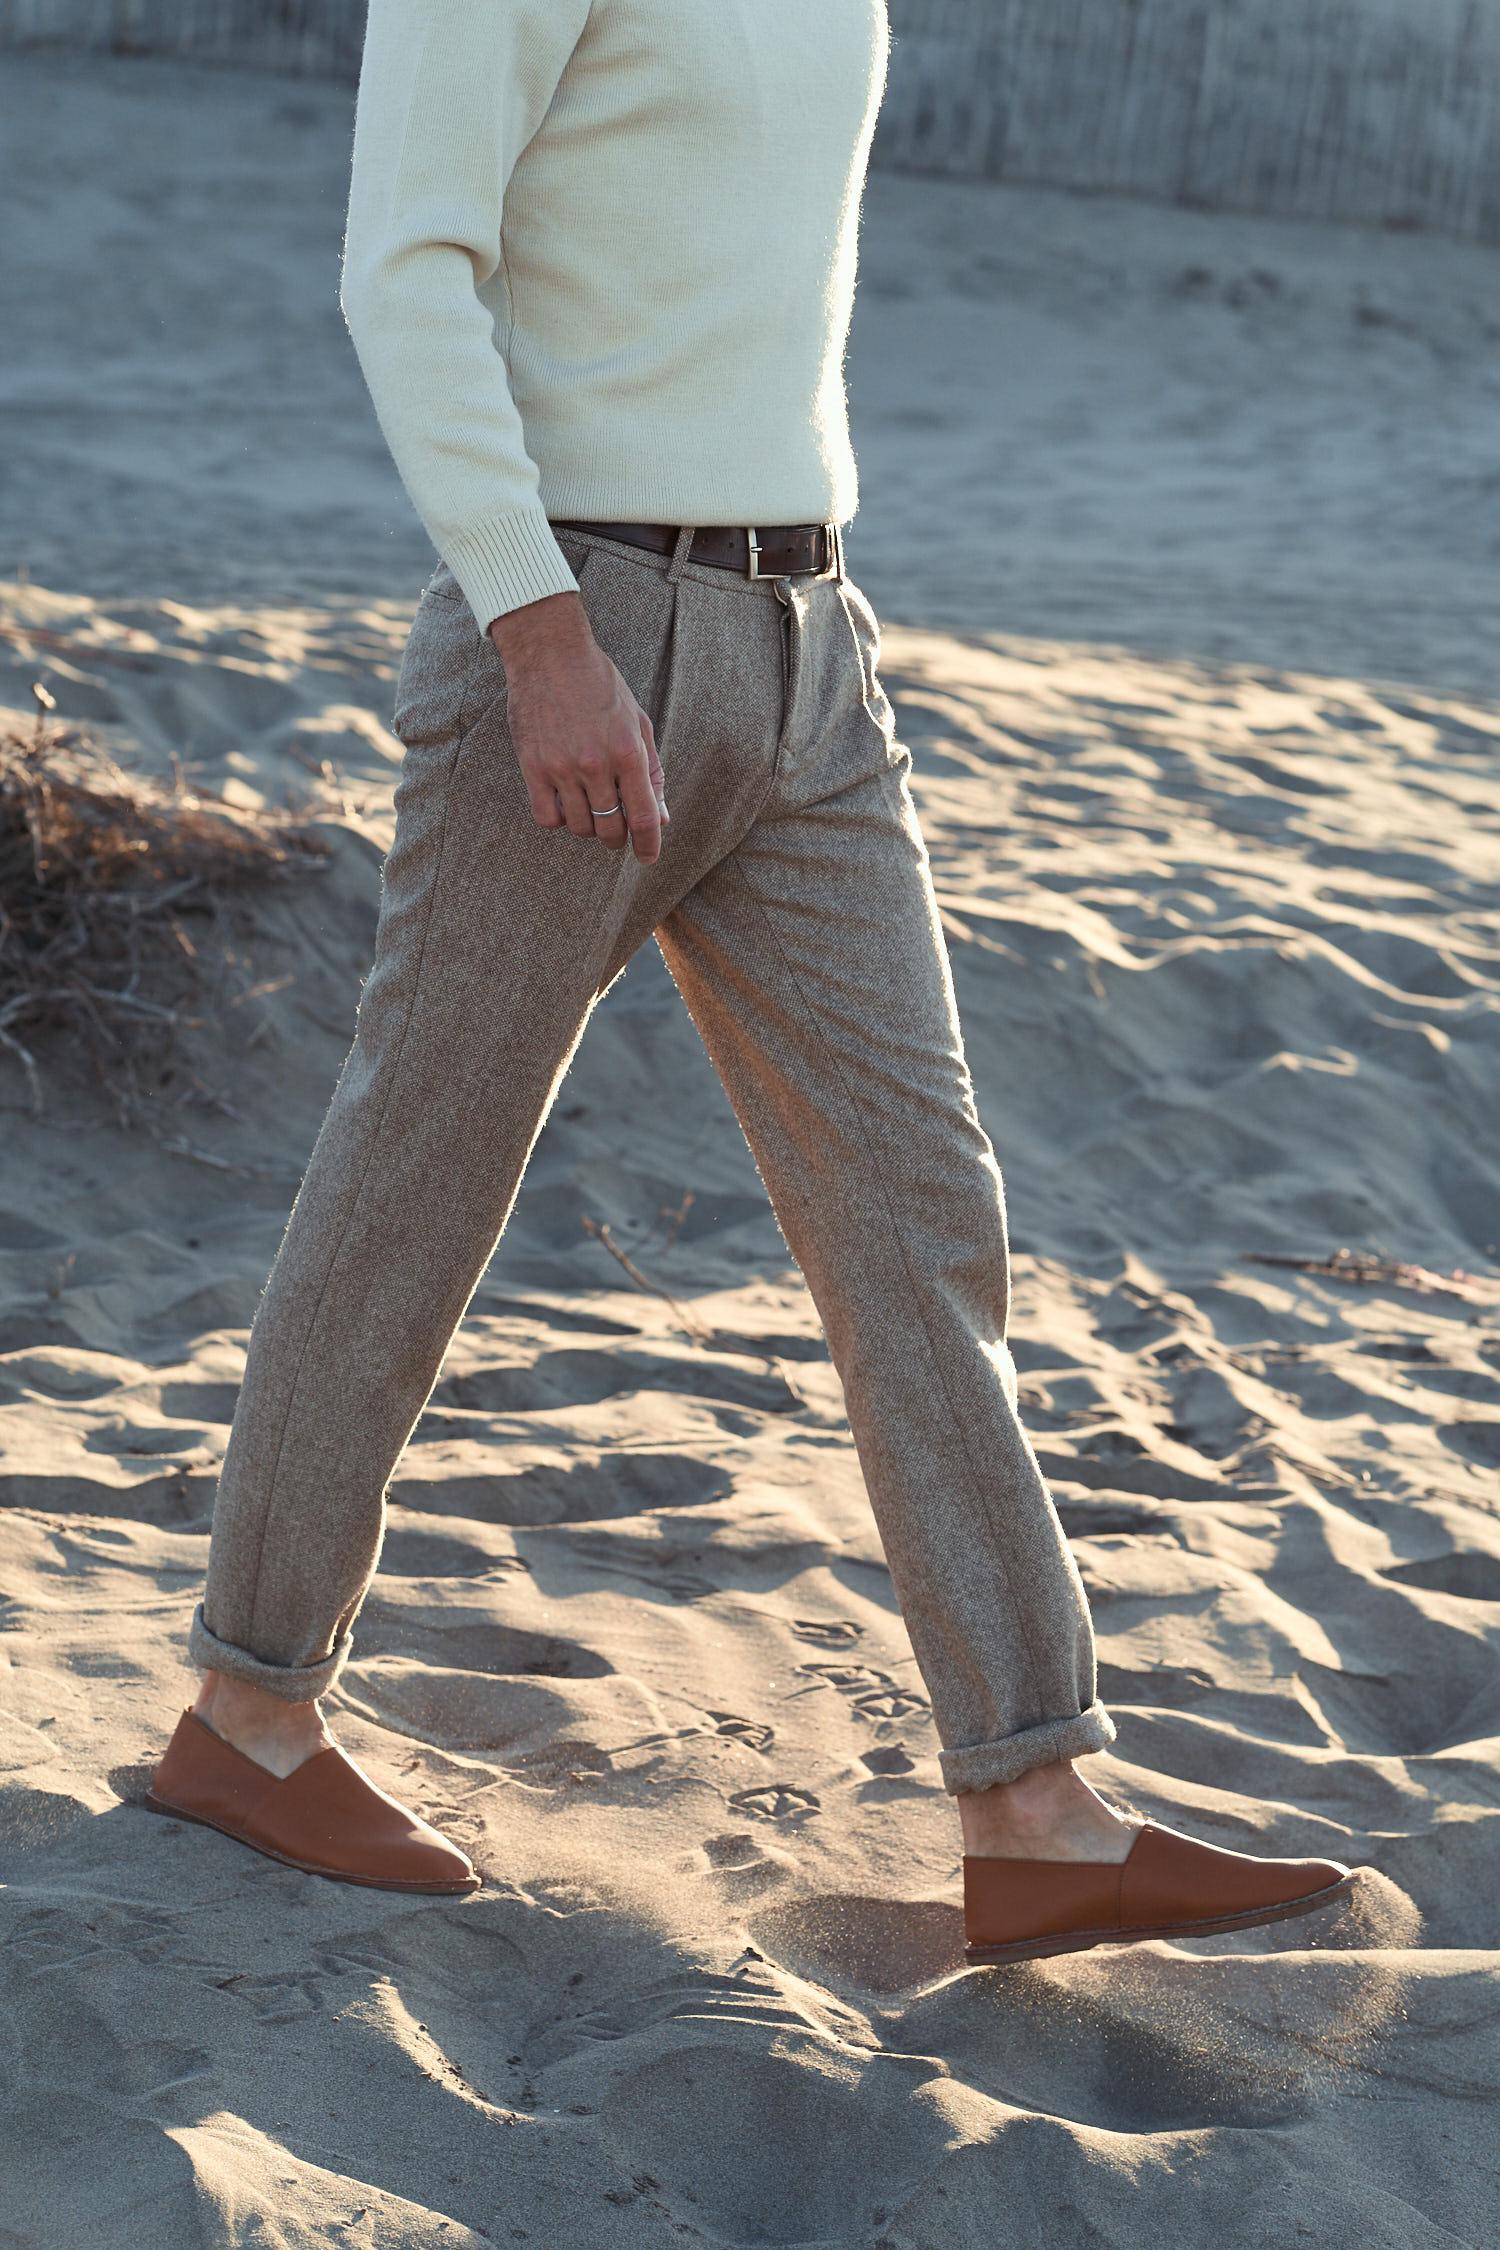 Réalisé sur commande sous 3 semaines. Longueur sur demande. Pantalon en laine de mérinos d'Arles, tissé dans le Tarn par Le Passe Trame. Doux, il ne gratte pas. 2 poches passepoilées au dos, doublure de poche en coton biologique. Fabrication française. Jaouen mesure 1m90 pour 72kg et porte une taille 40.